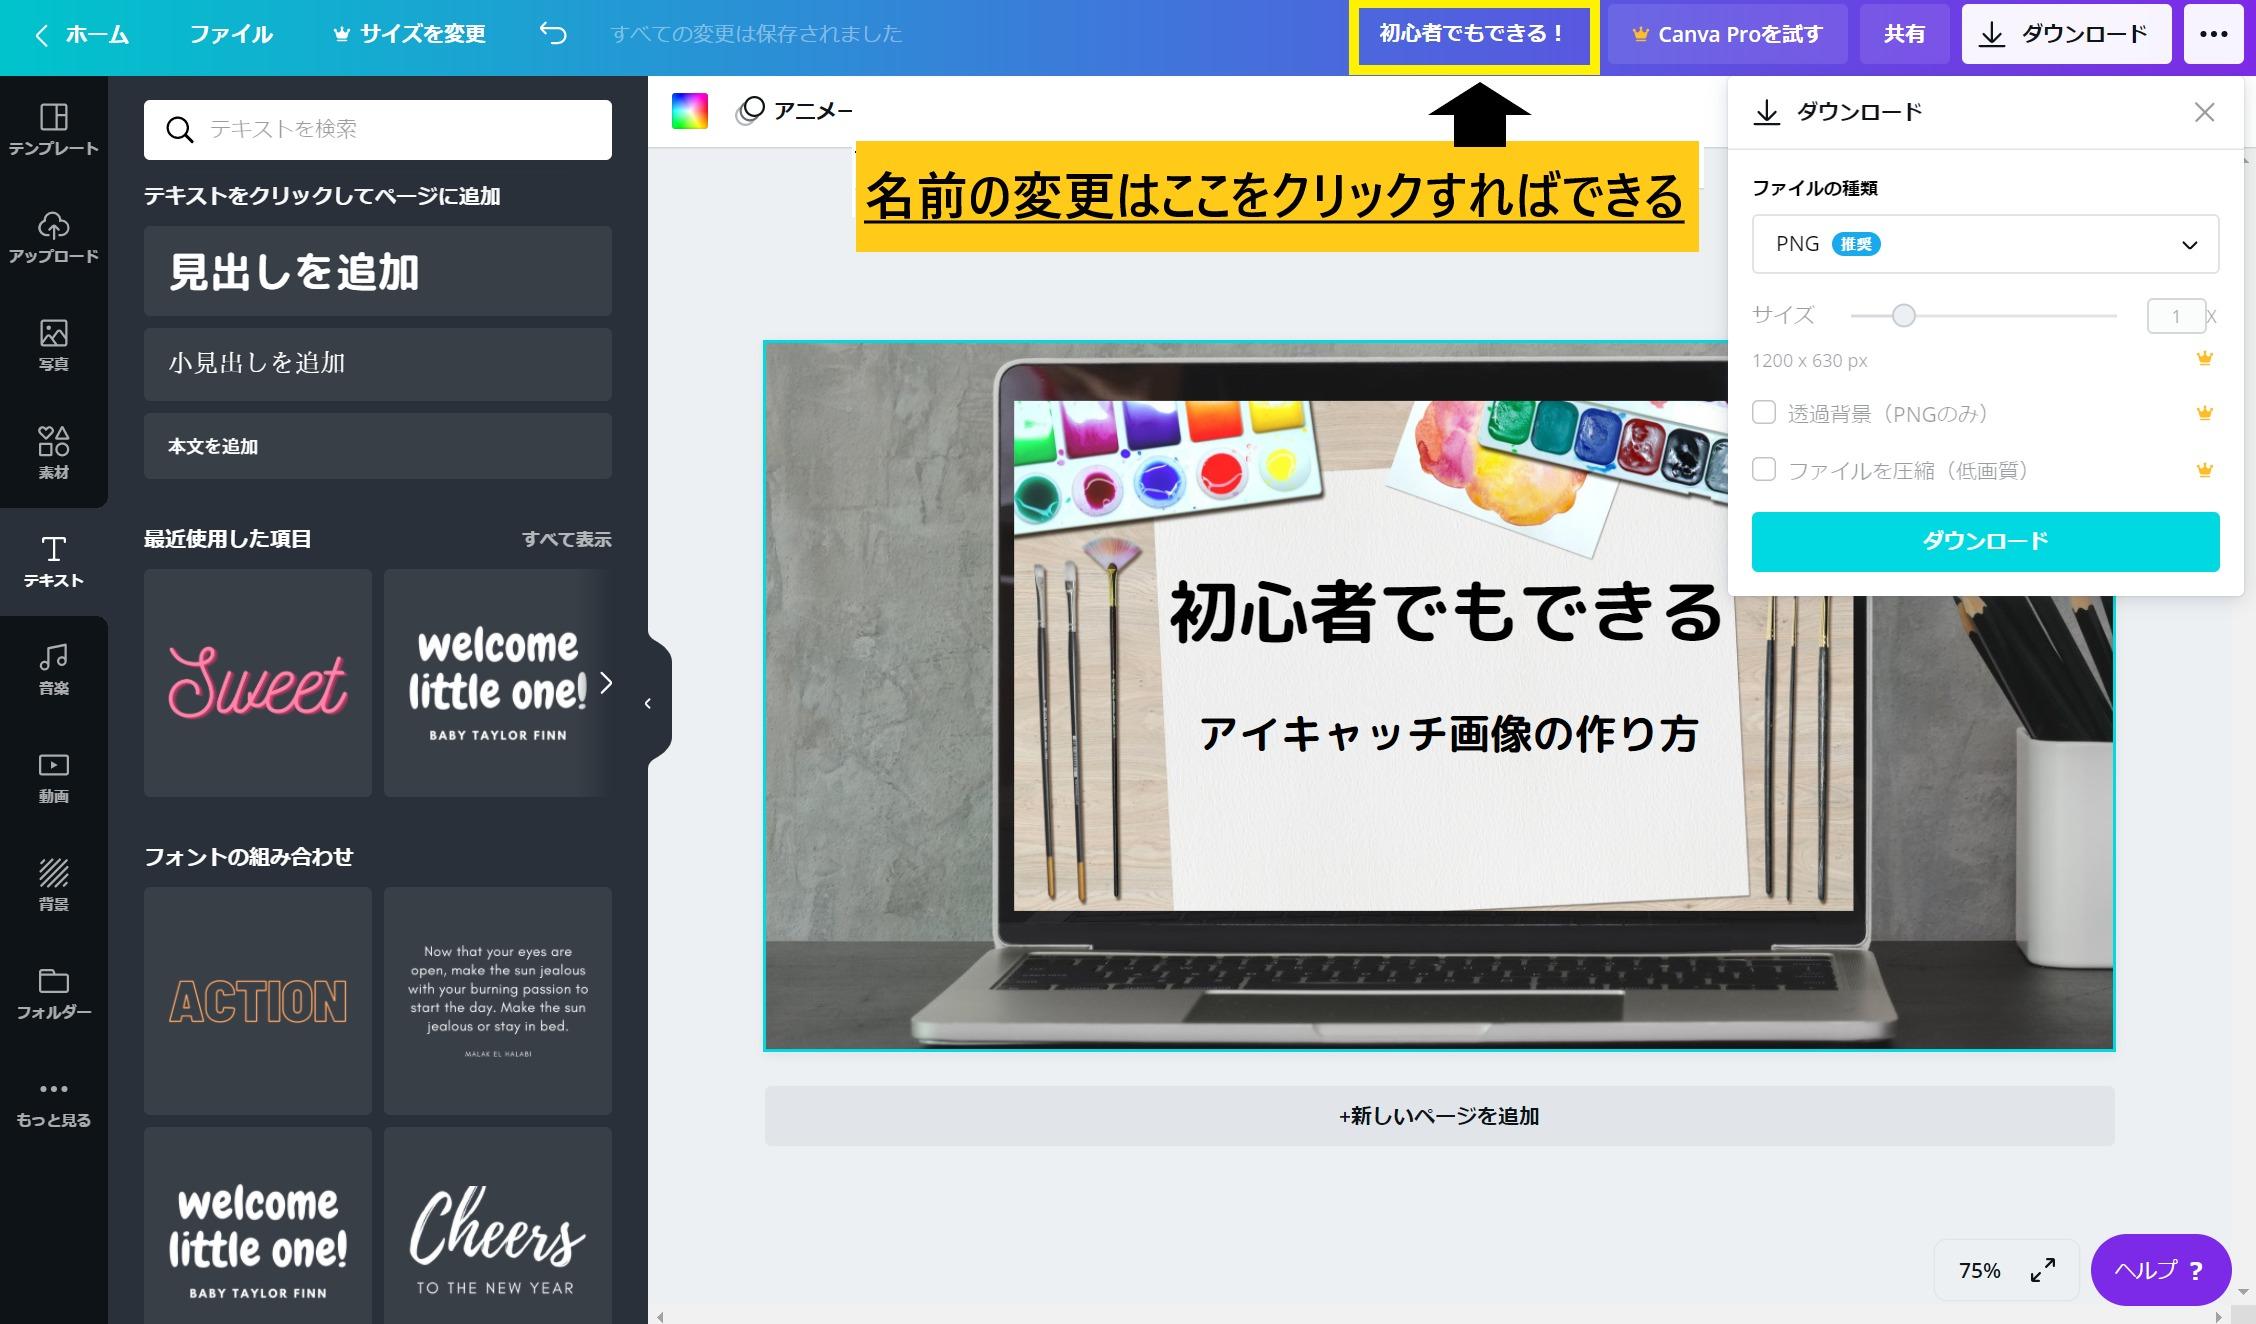 【ブログ初心者】-アイキャッチ画像の作り方1-10.jpg